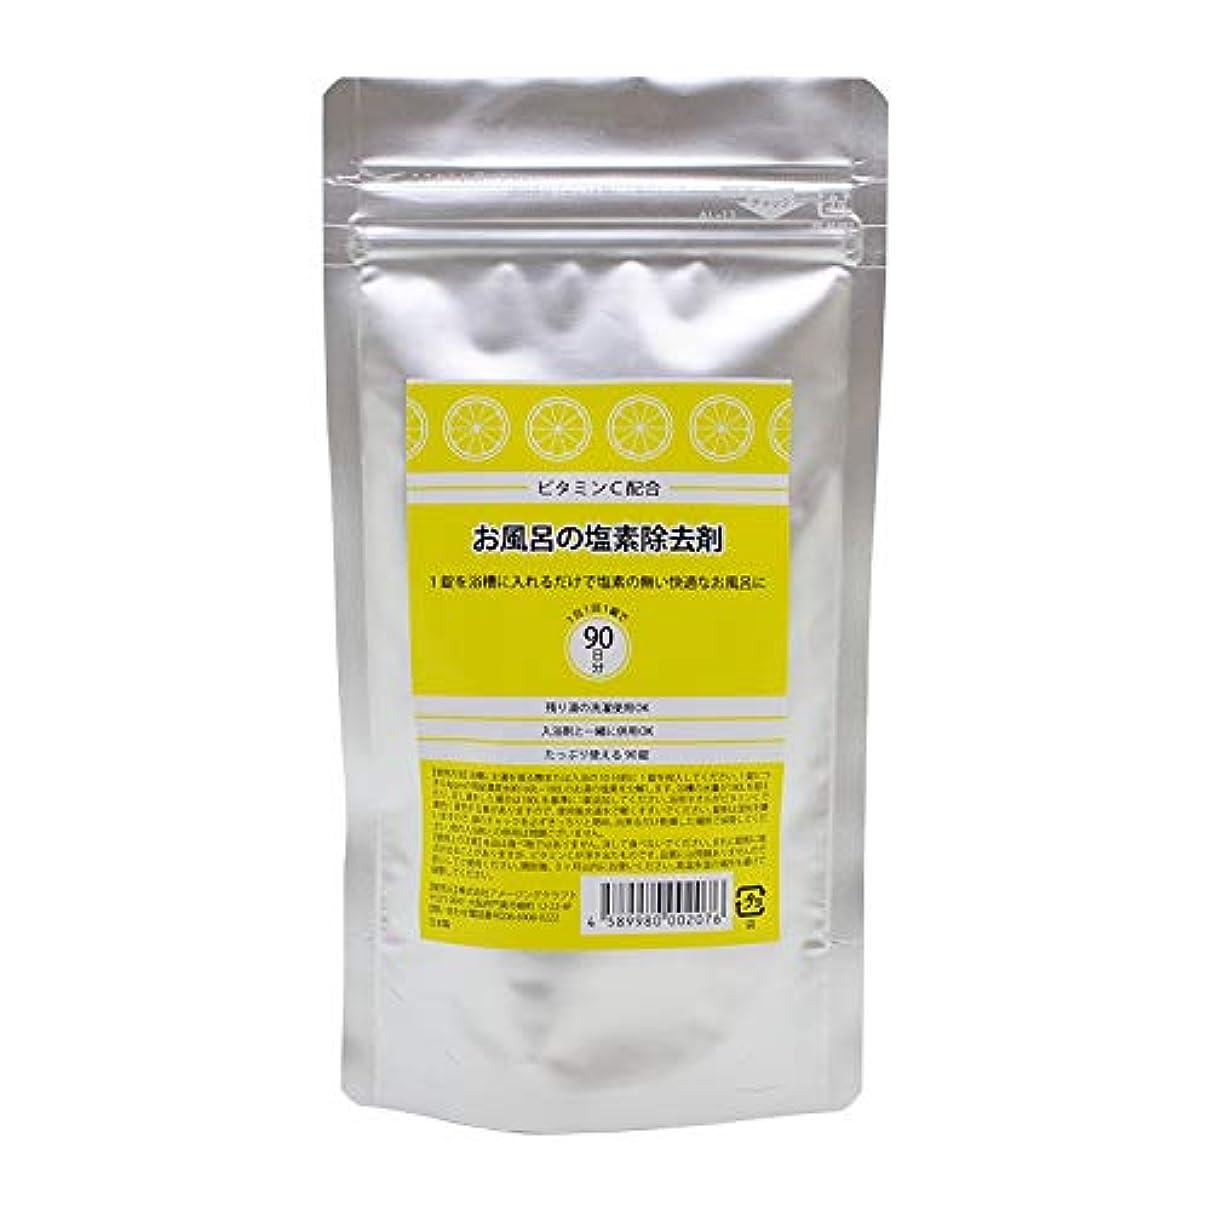 前提家具名詞ビタミンC配合 お風呂の塩素除去剤 錠剤タイプ 90錠 浴槽用脱塩素剤